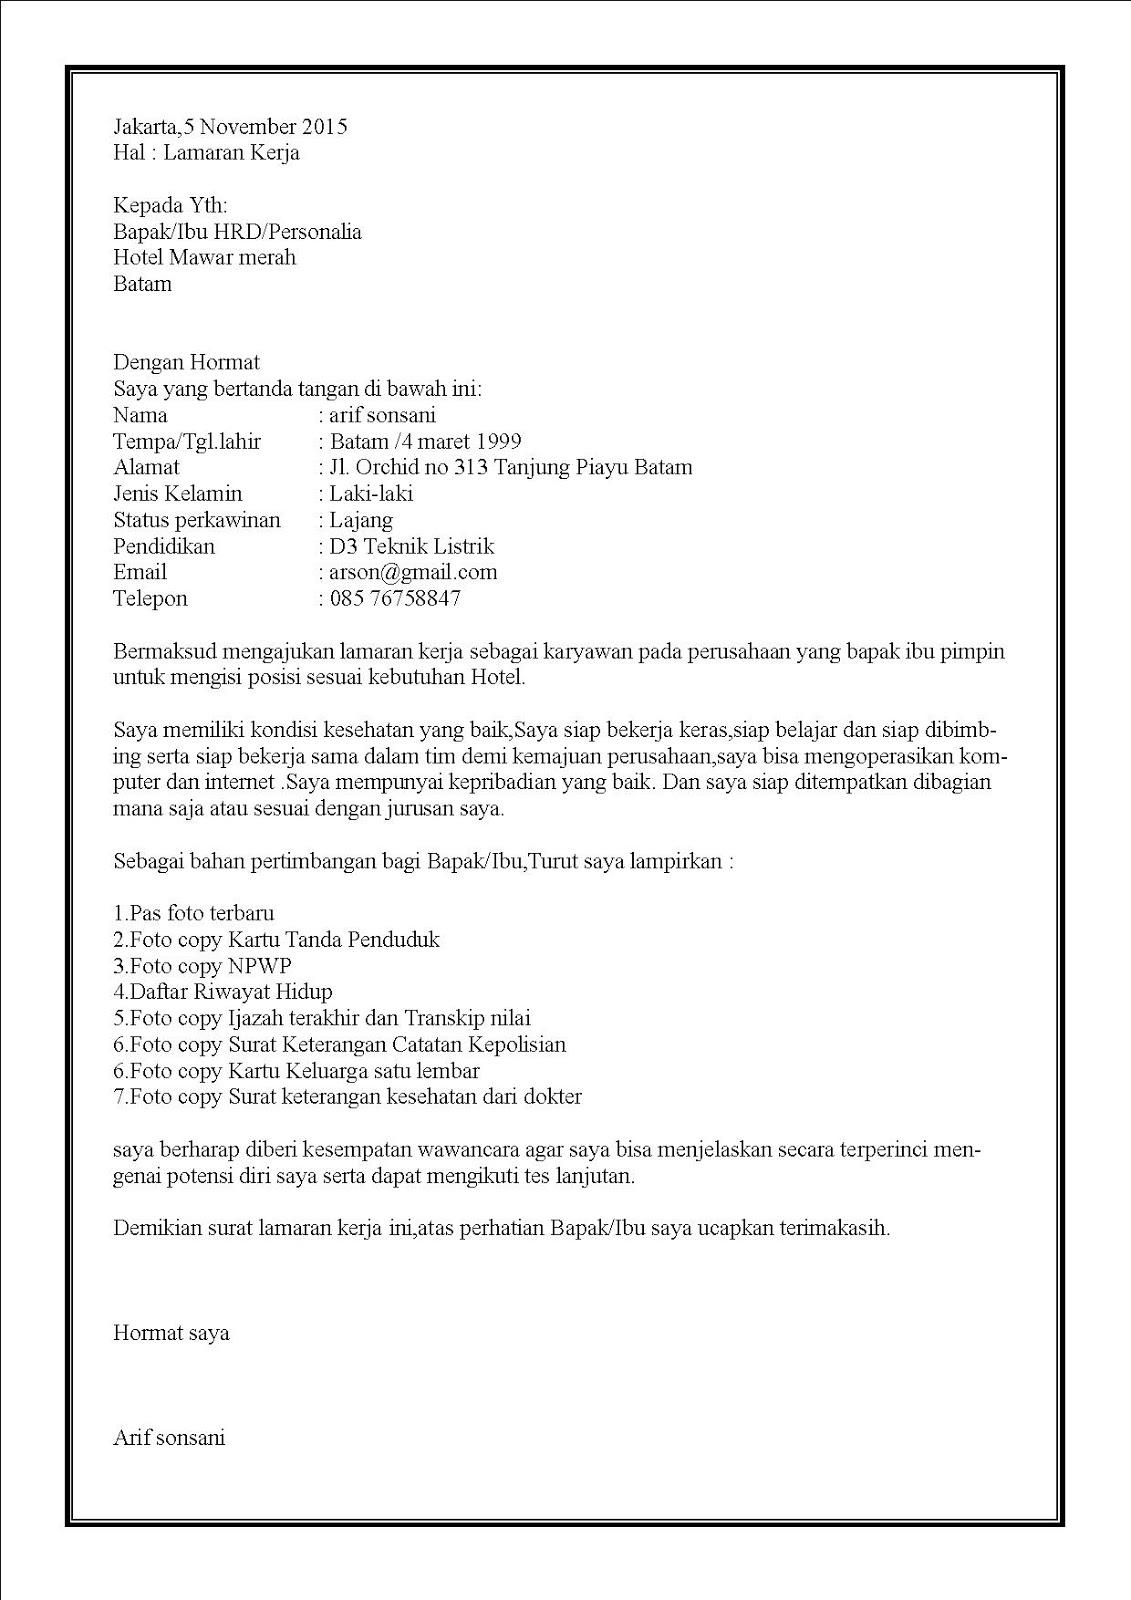 Contoh surat lamaran kerja di hotel atas inisiatif sendiri.